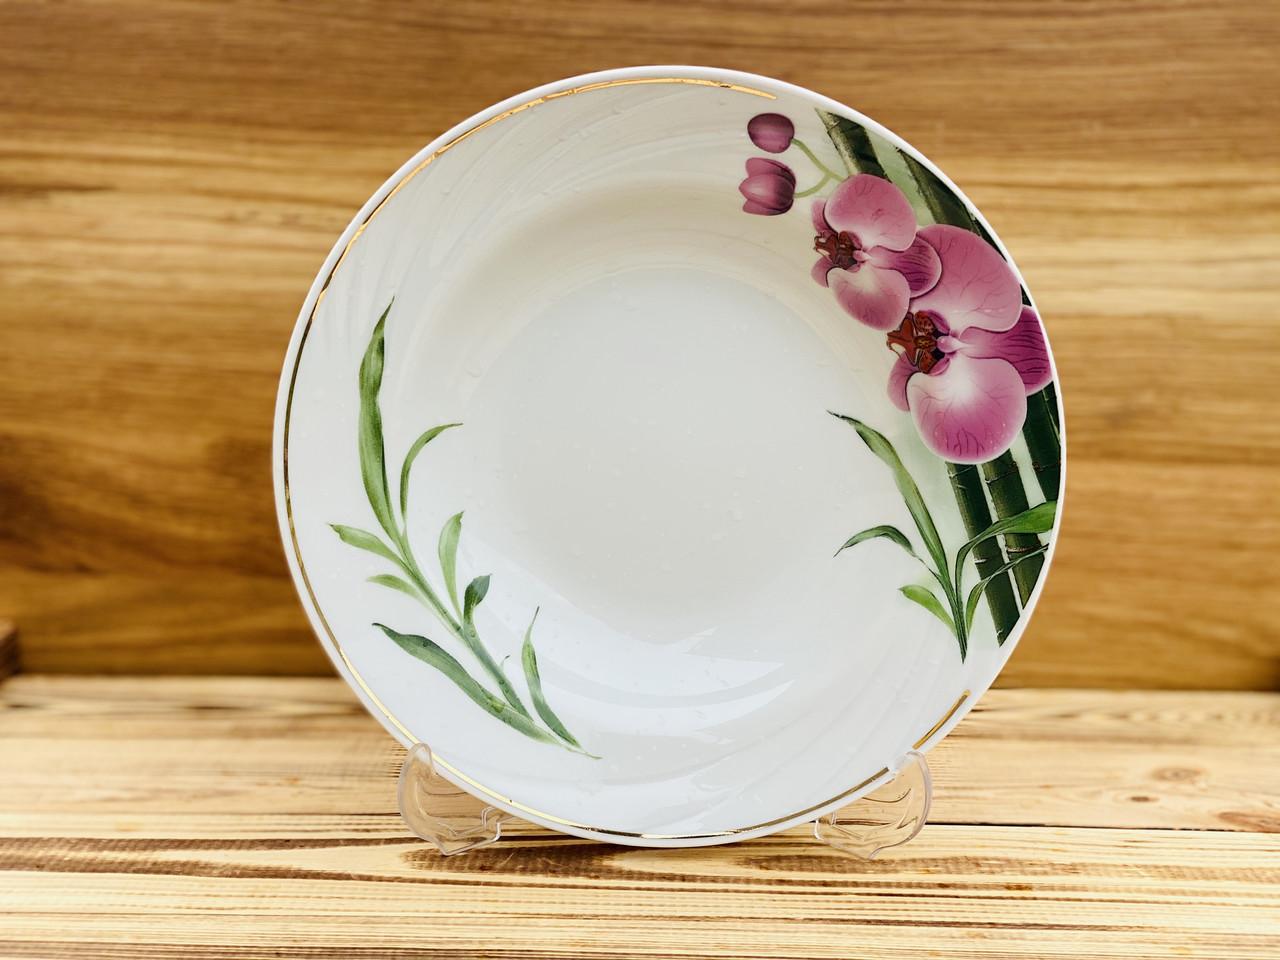 Тарелка 200 мм глубокая голубка Бамбуковая орхидея 5С0845Ф34 Добруш